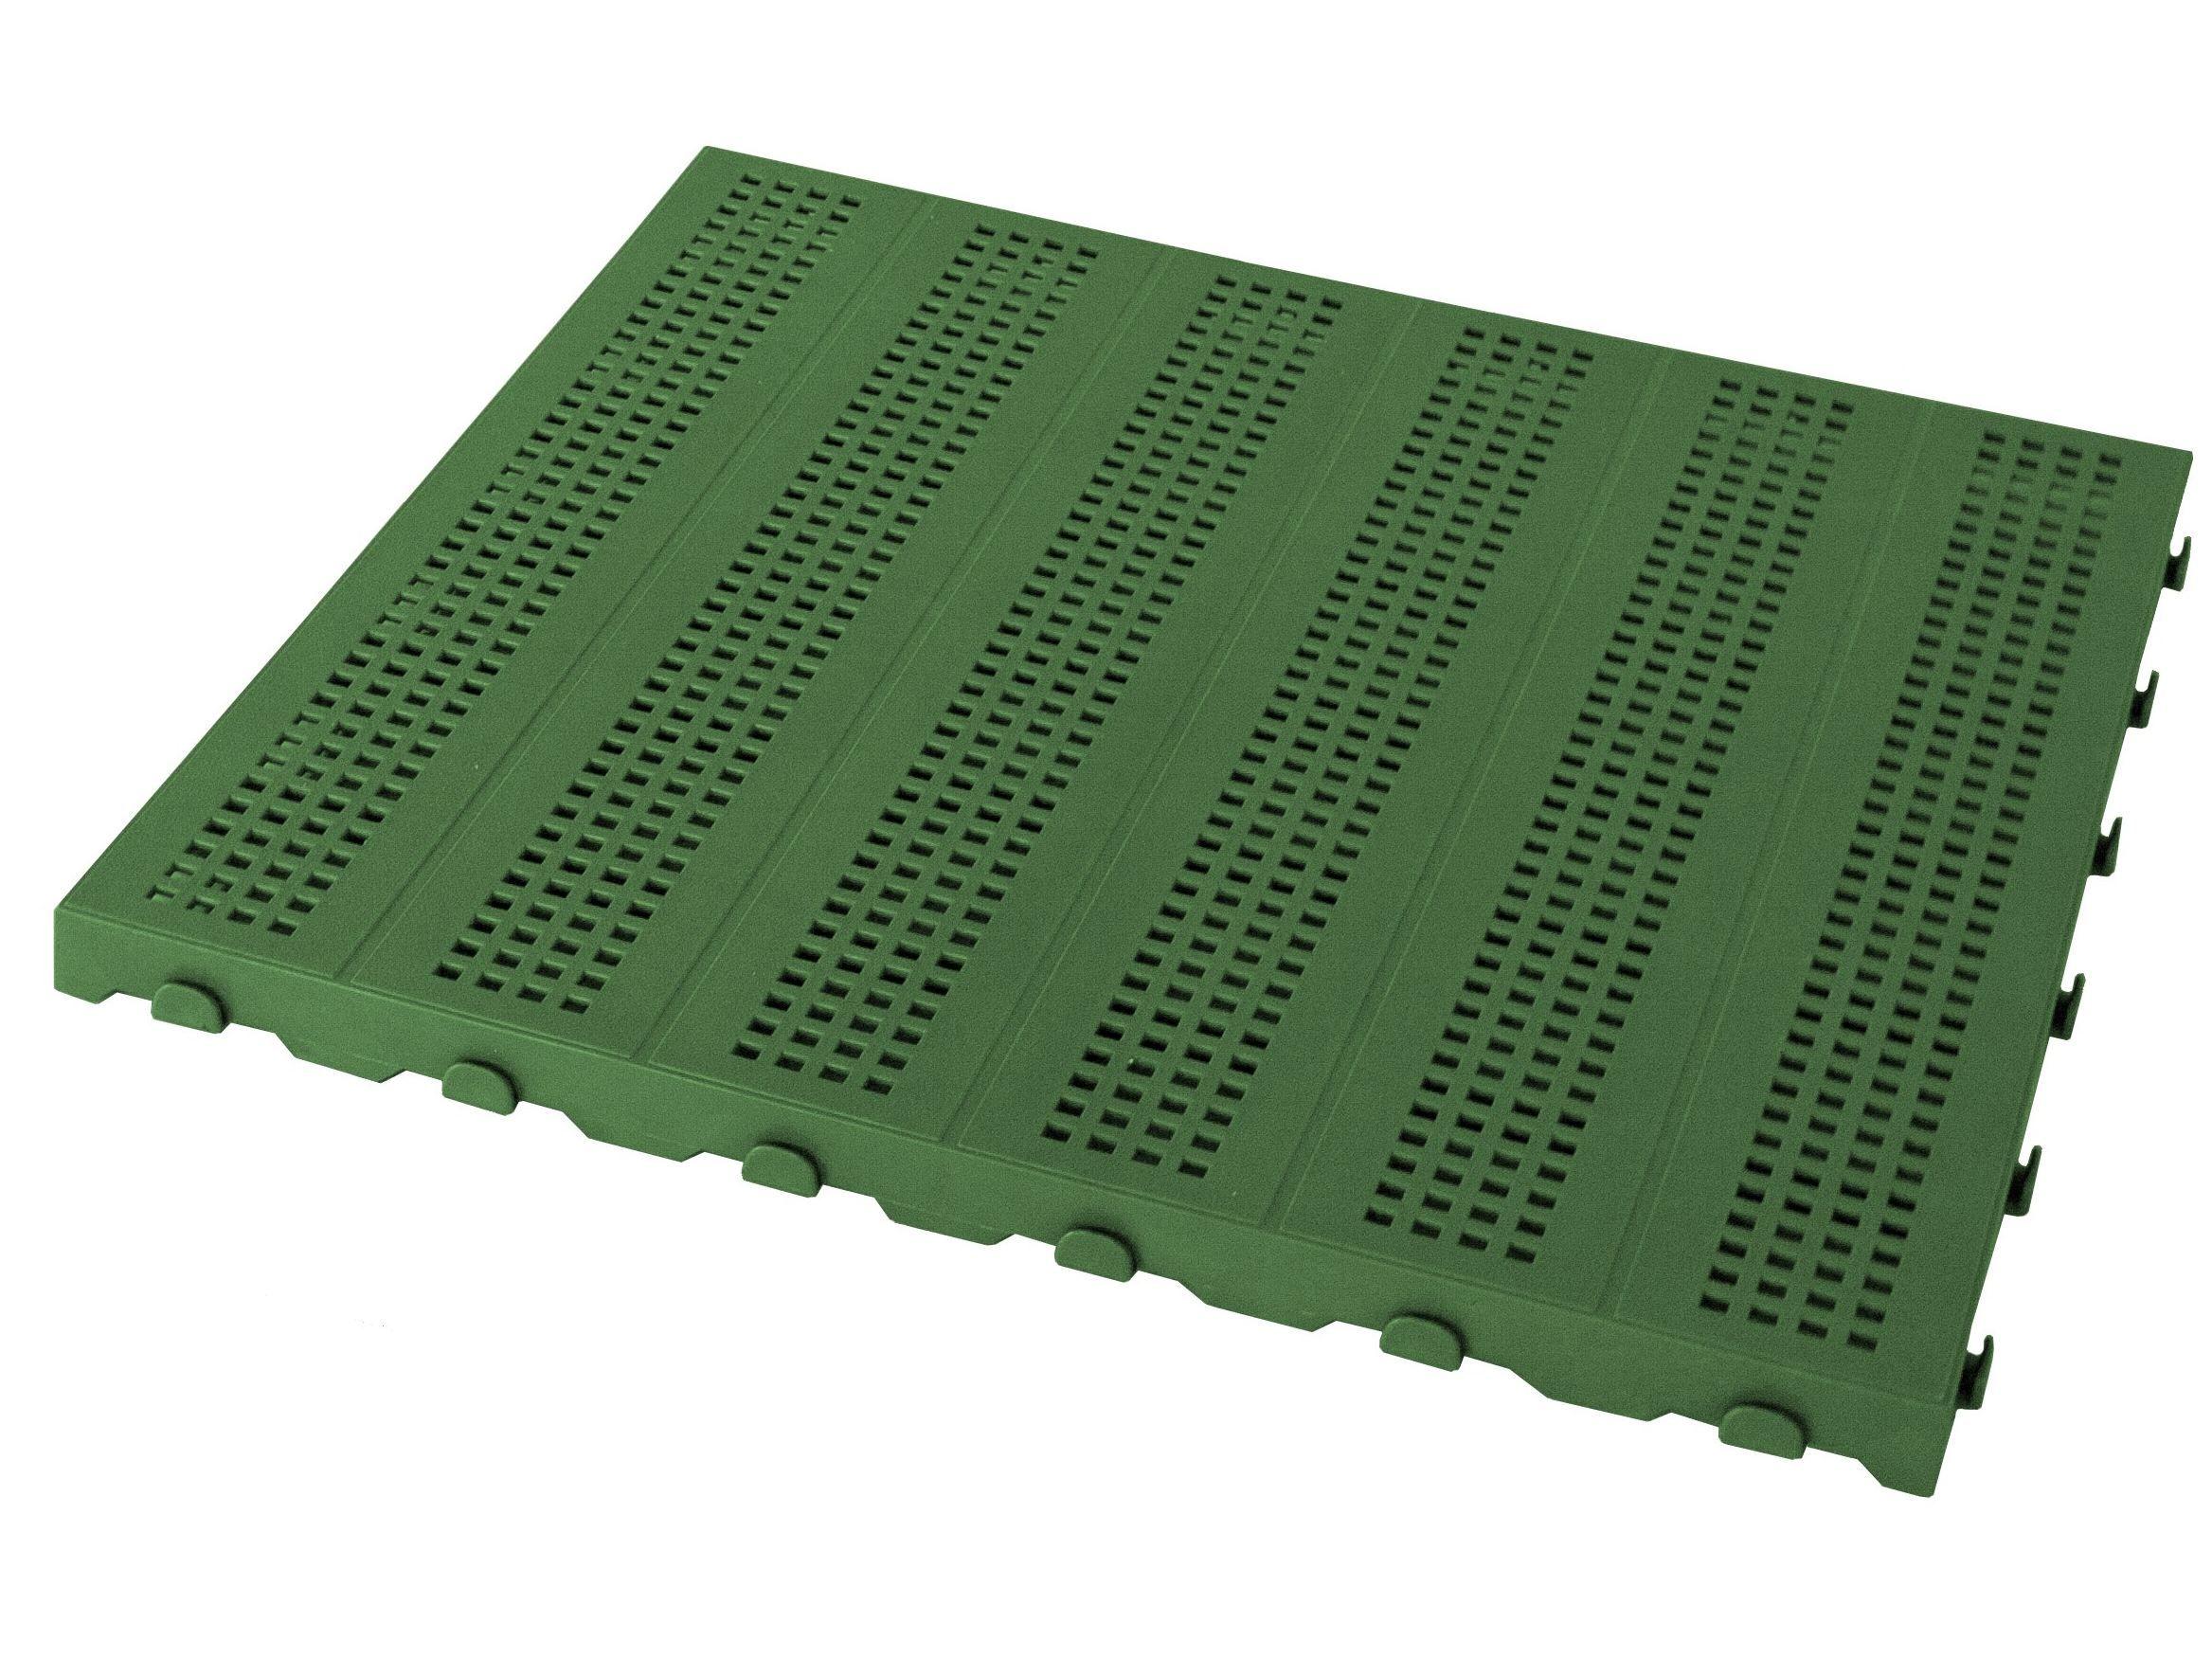 Baldosas de exterior de pl stico piastrella by pontarolo for Baules plastico para exterior